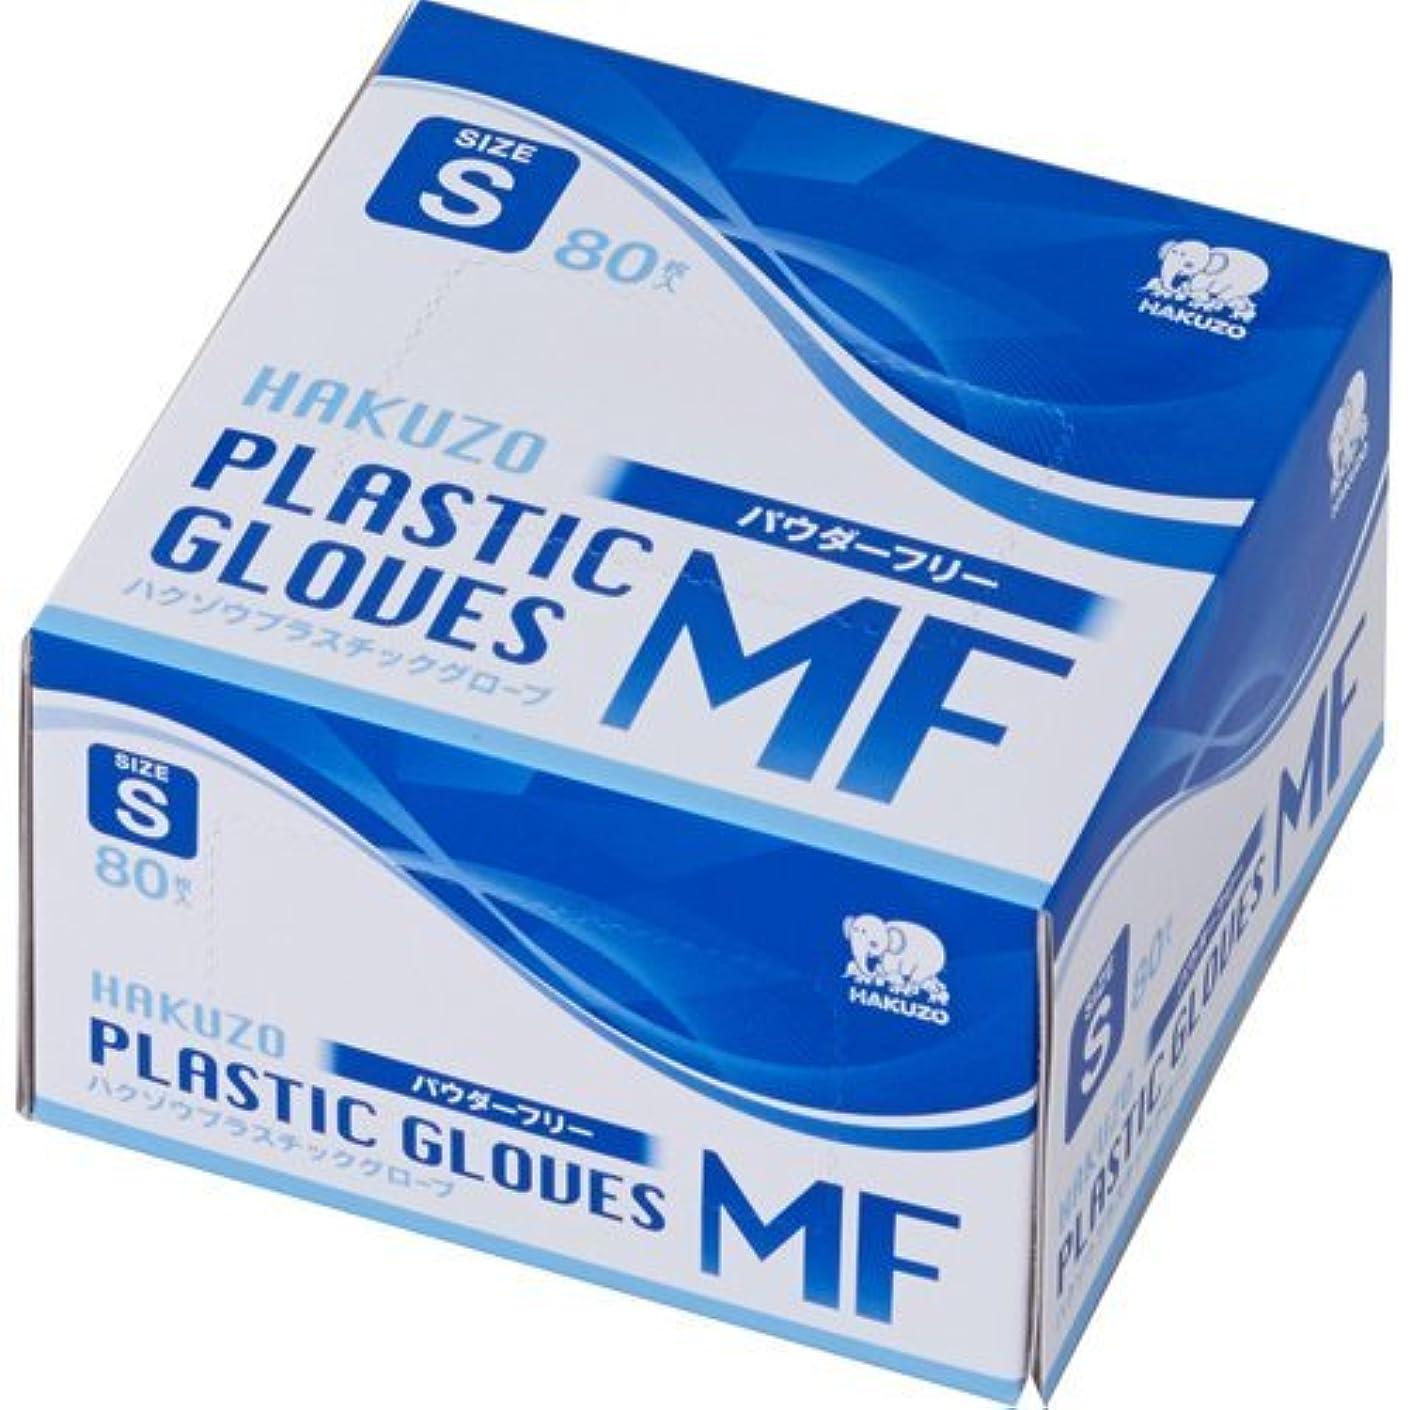 ハクゾウメディカル ハクゾウ プラスチックグローブMF パウダーフリー Sサイズ 80枚入